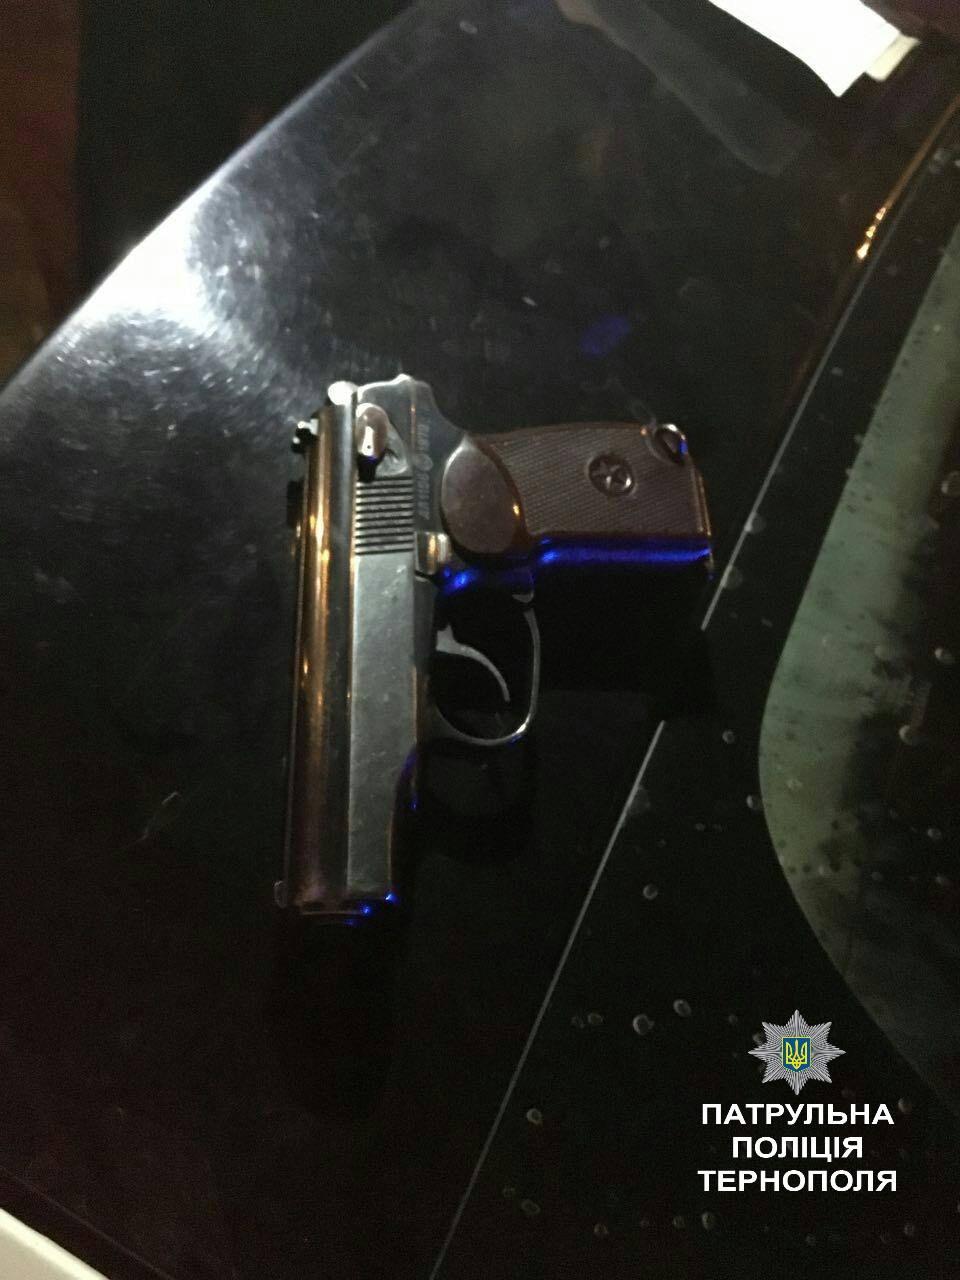 У чоловіка зброю вилучили